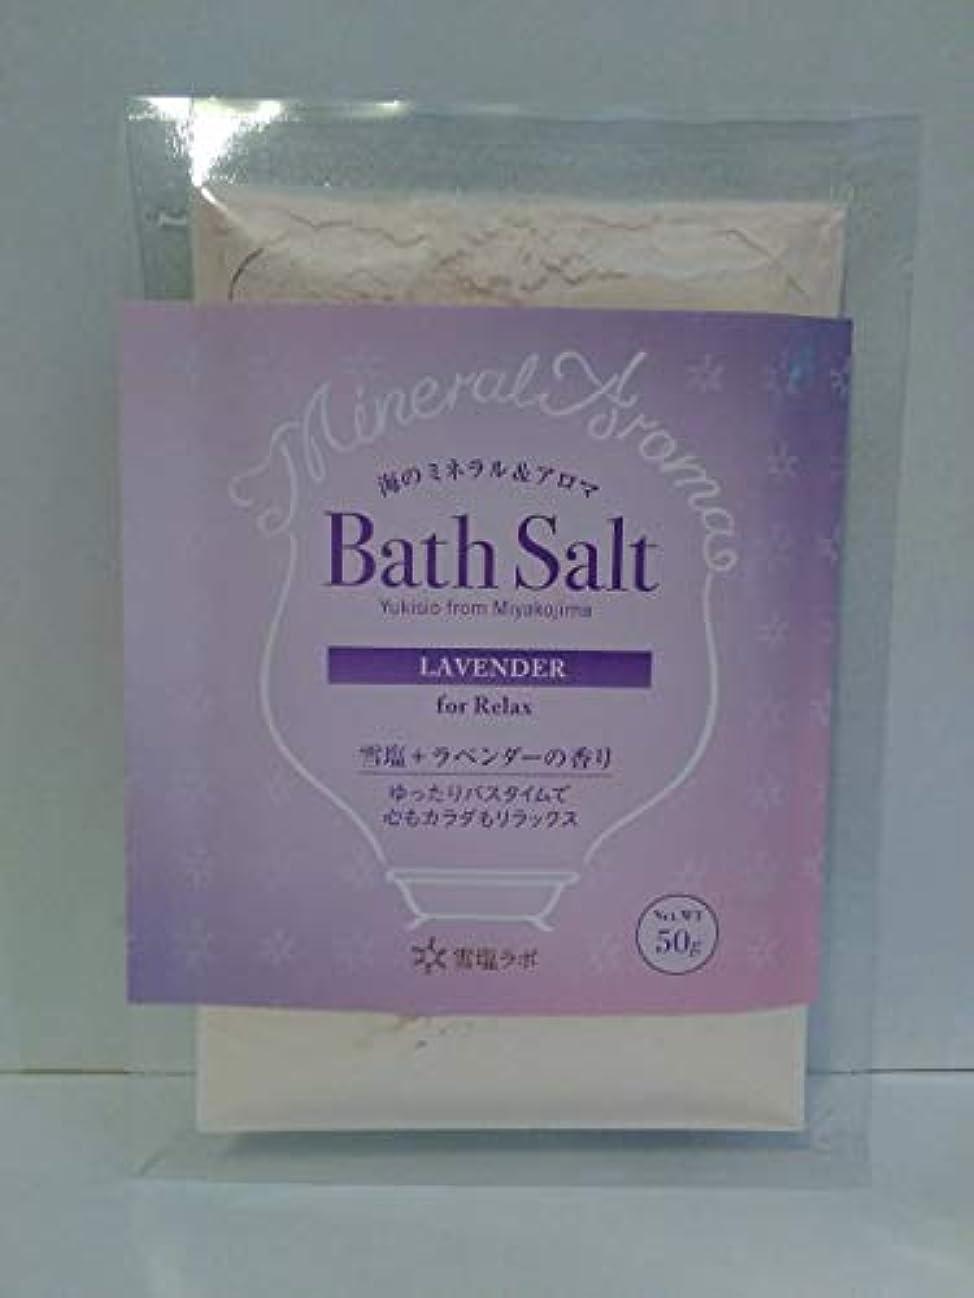 小麦粉アシスタントリサイクルする海のミネラル&アロマ Bath Salt 雪塩+ラベンダーの香り